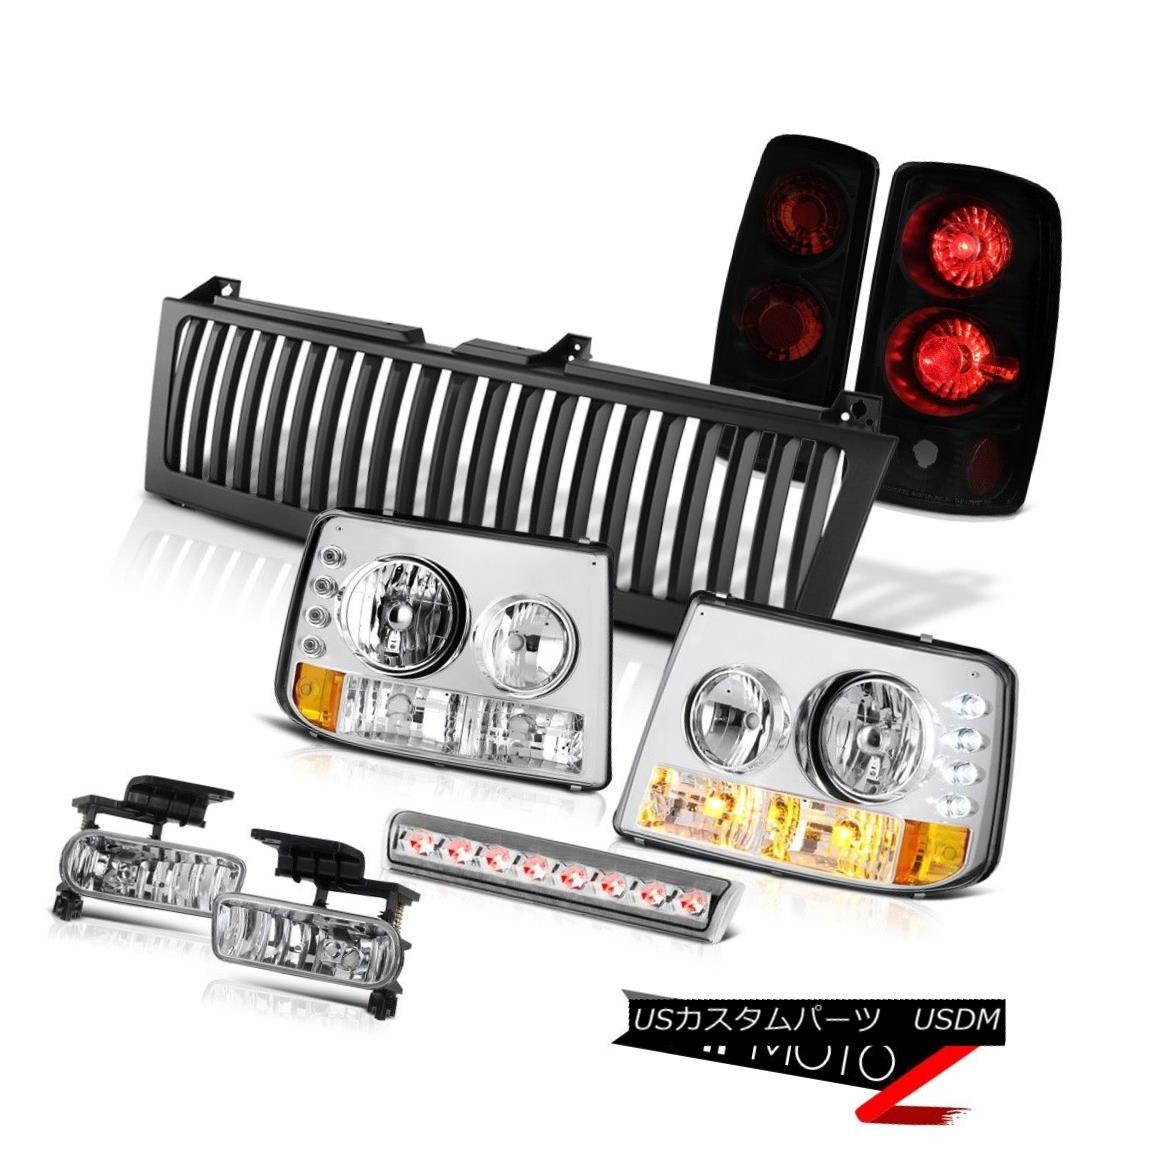 ヘッドライト 00-06 Suburban 6.0L Headlamps Altezza Darkest Tail Lights Chrome Fog Brake LED 00-06郊外6.0LヘッドランプAltezza DarkestテールライトChrome FogブレーキLED